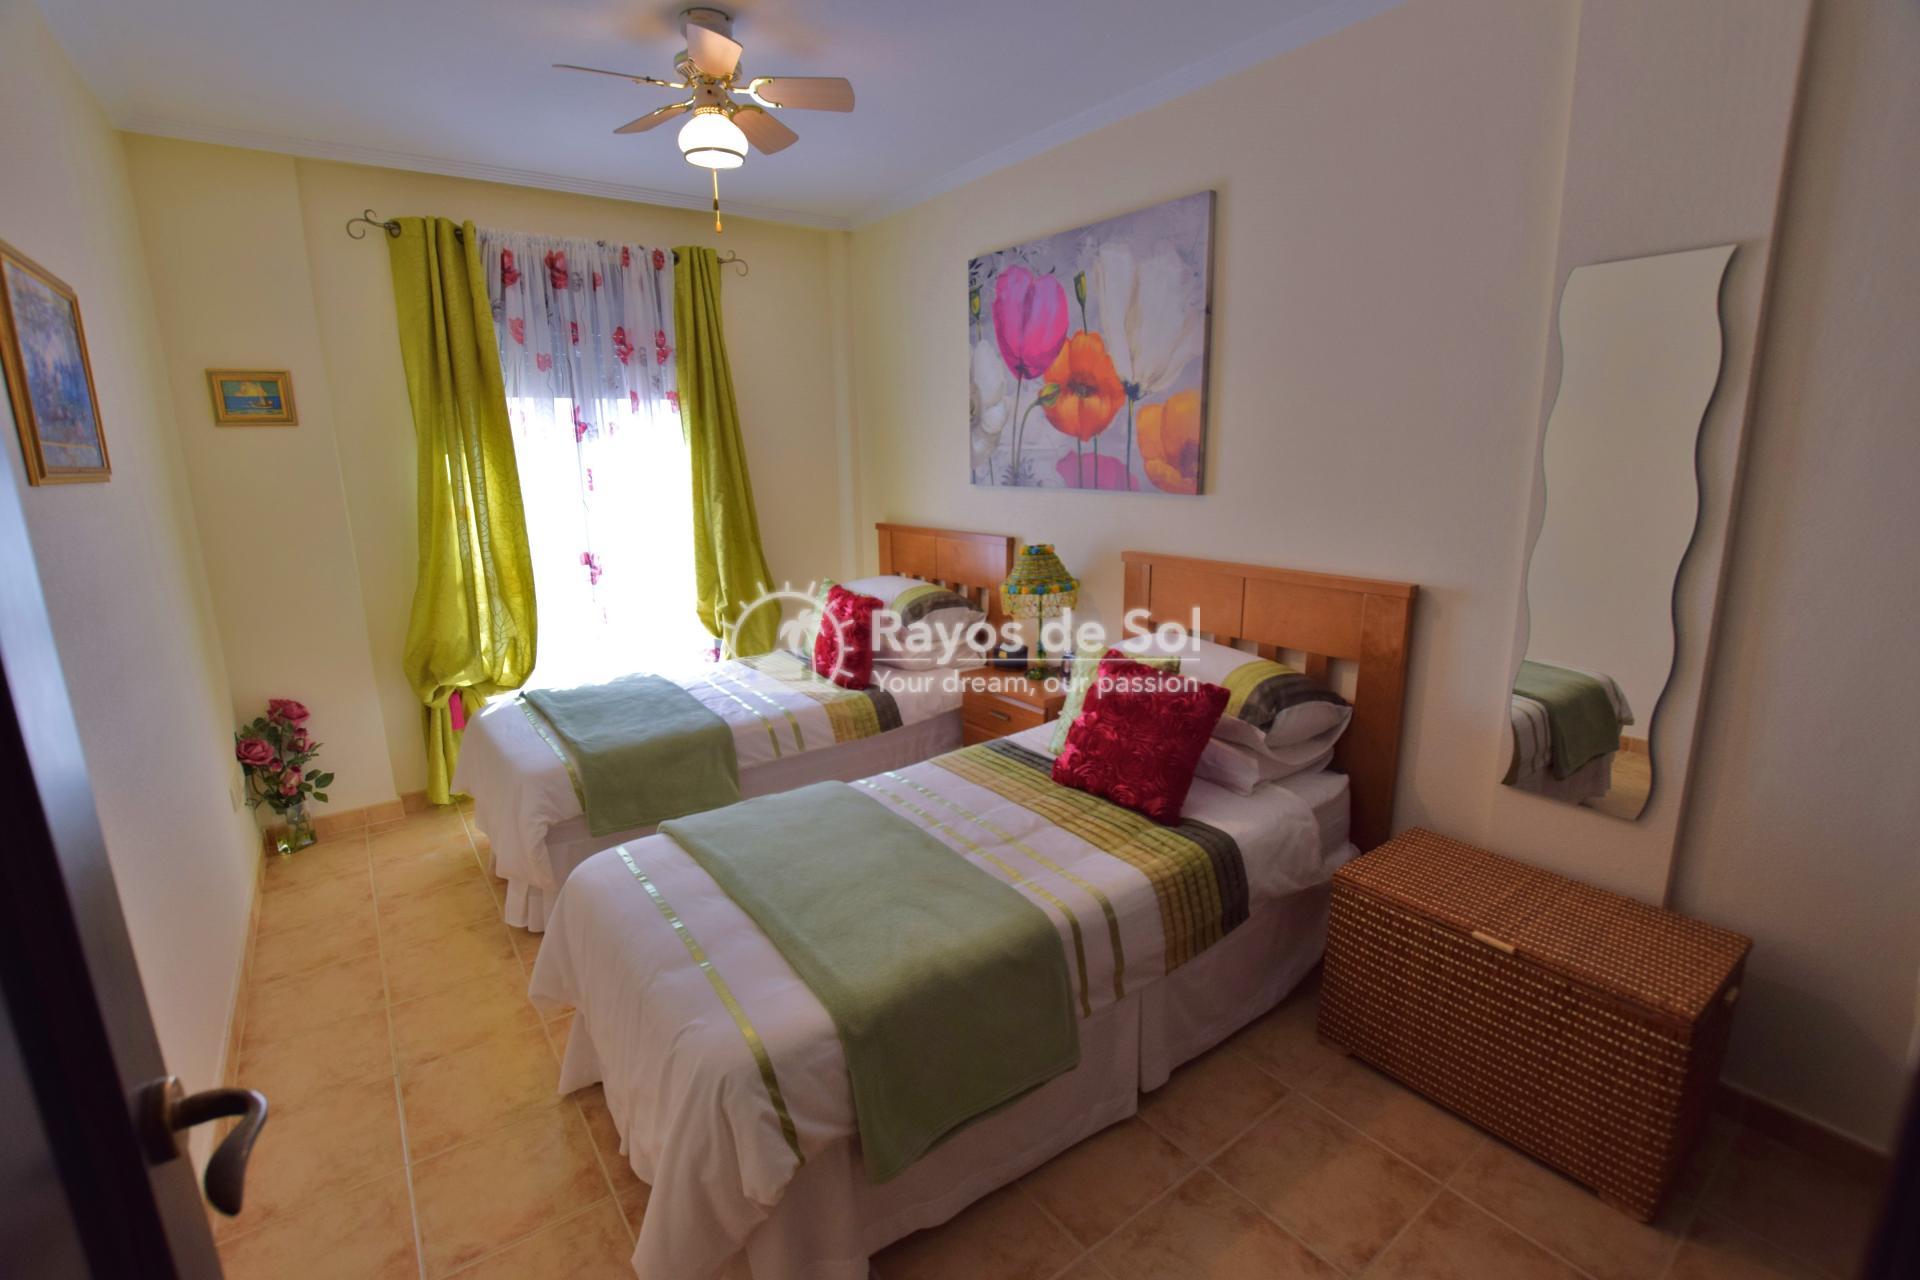 Schitterende quadvilla  in San Cayetano, Costa Cálida (SCRE0030) - 23